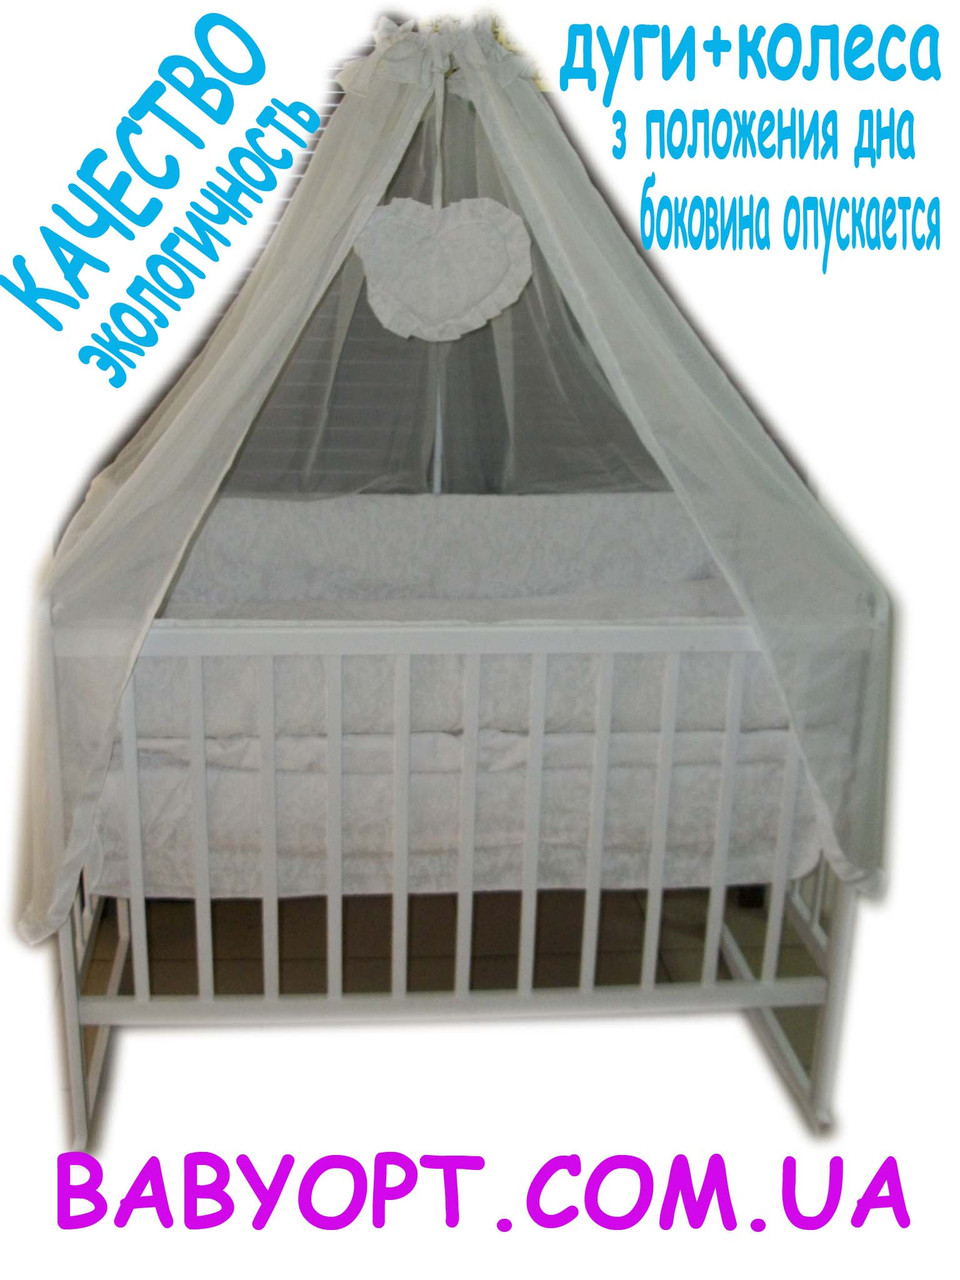 Акция!!! Кроватка  на дугах Малыш белая+ матрас кокос + постельный набор 8 эл. Отличное качество.